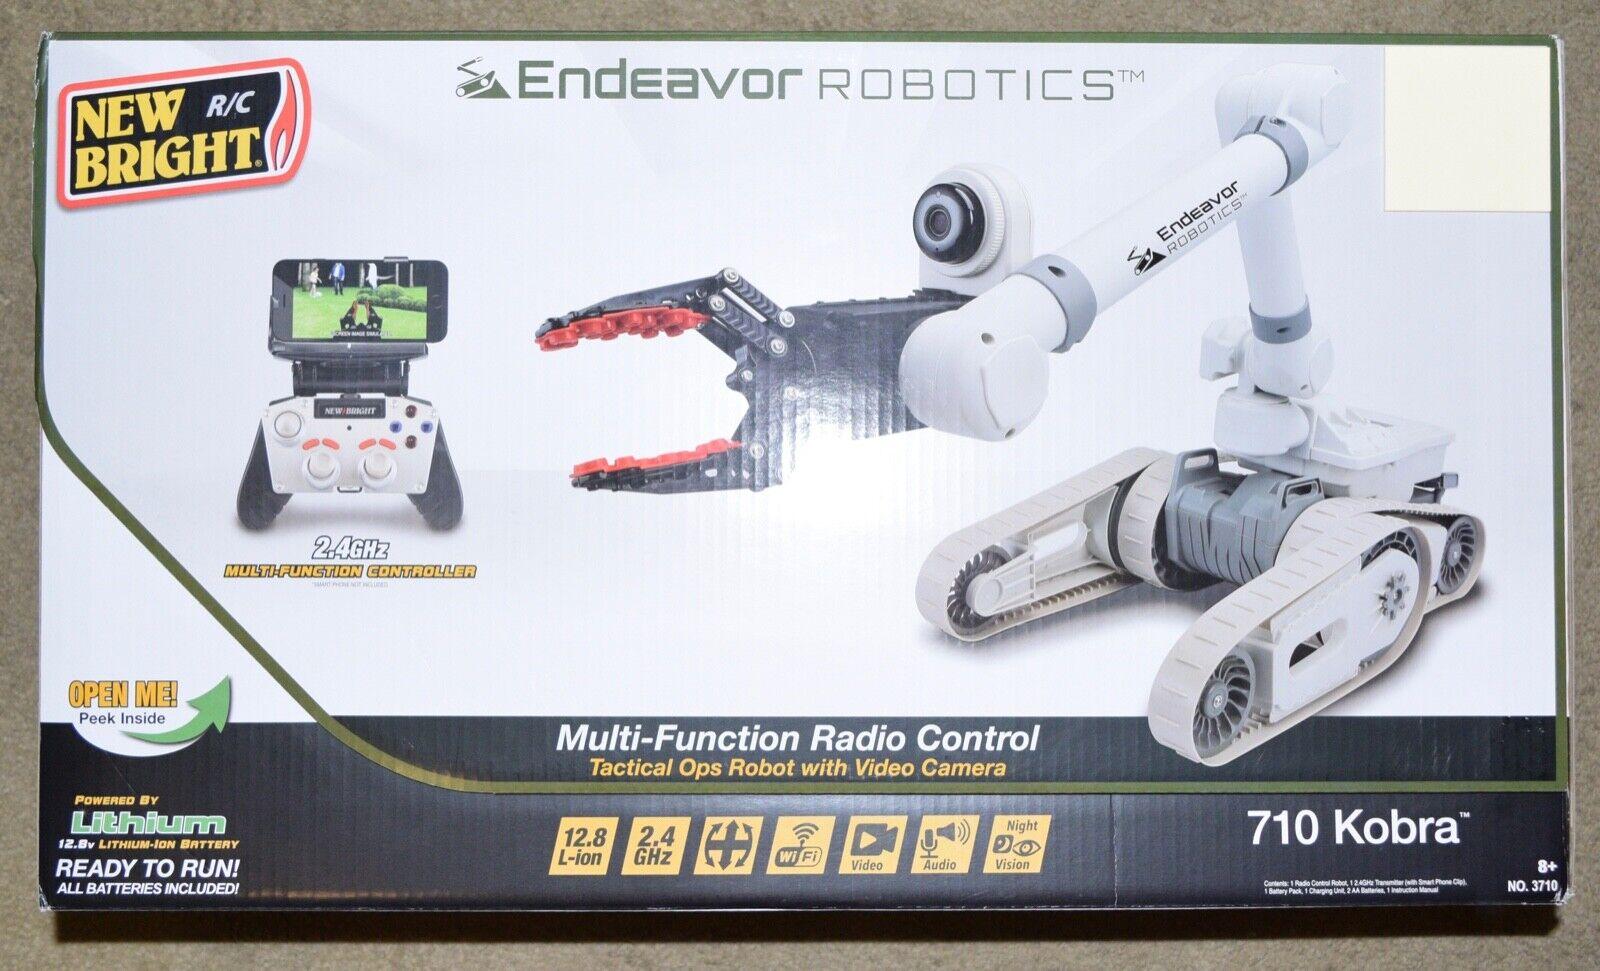 Endeavor Robotics 710 Kobra Radio Control 12.8V de múltiples funciones